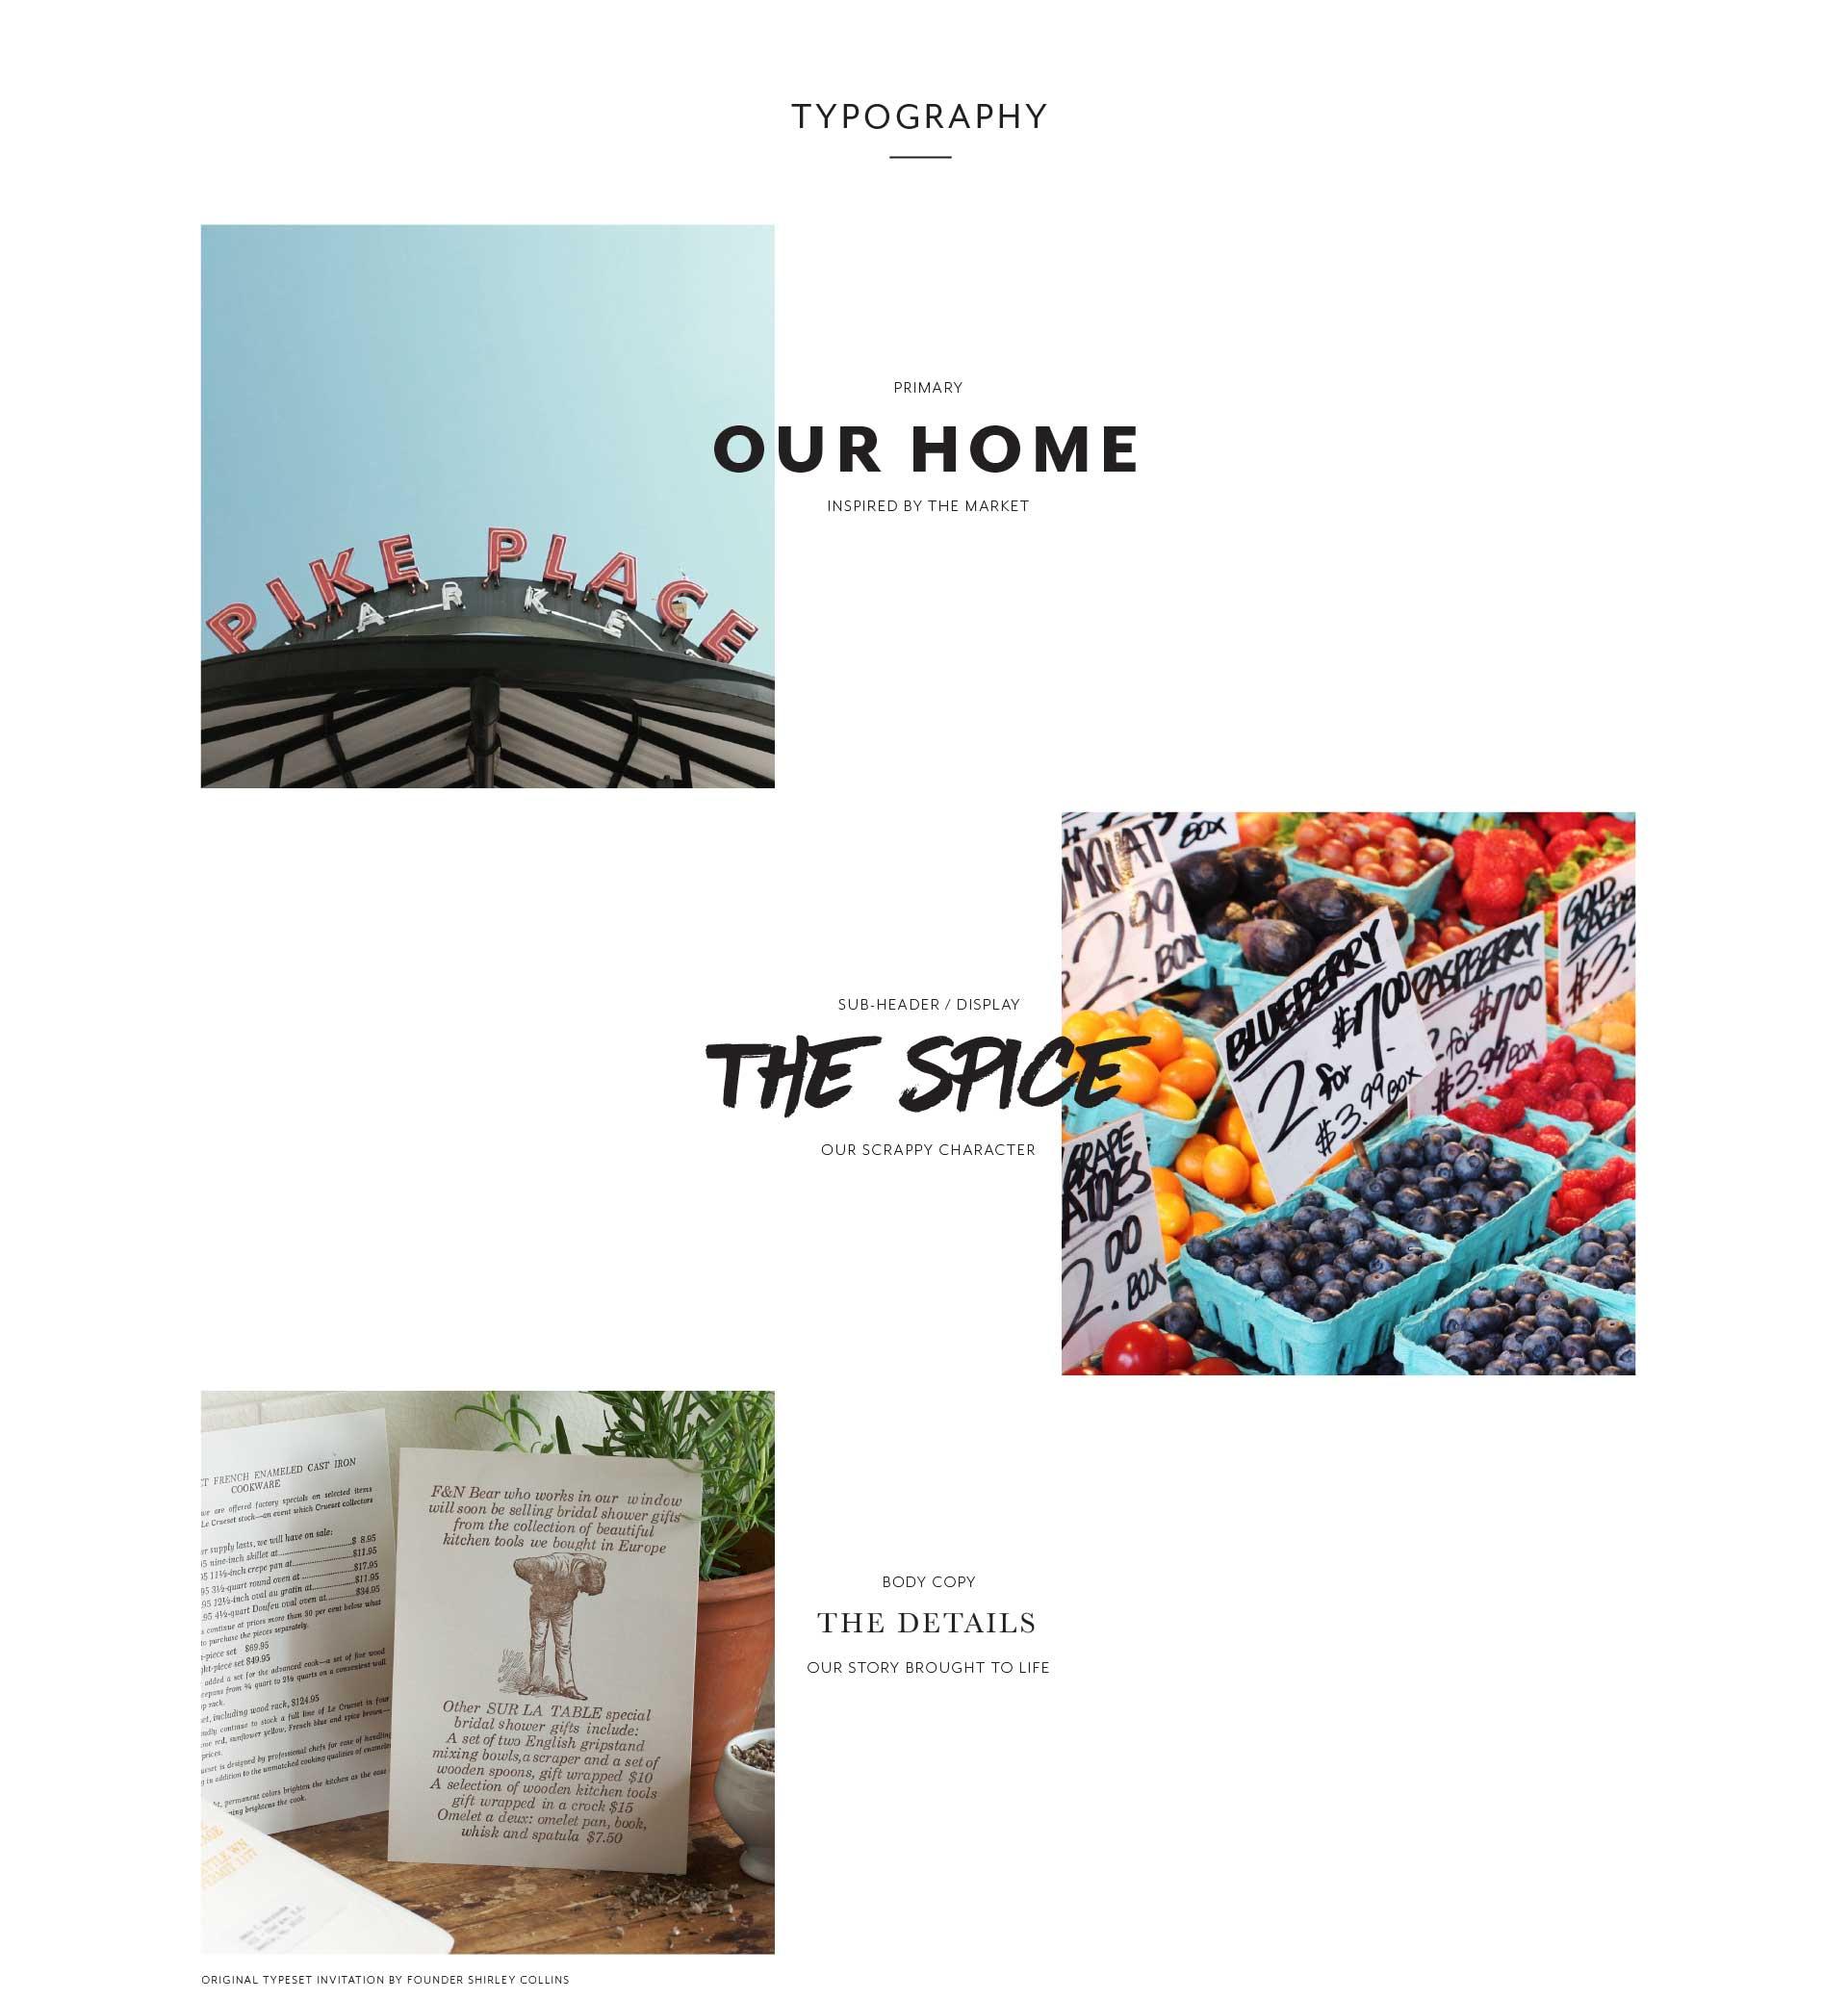 Creative_Retail_Packaging_Branding_Design_Sur_La_Table_7_2.jpg